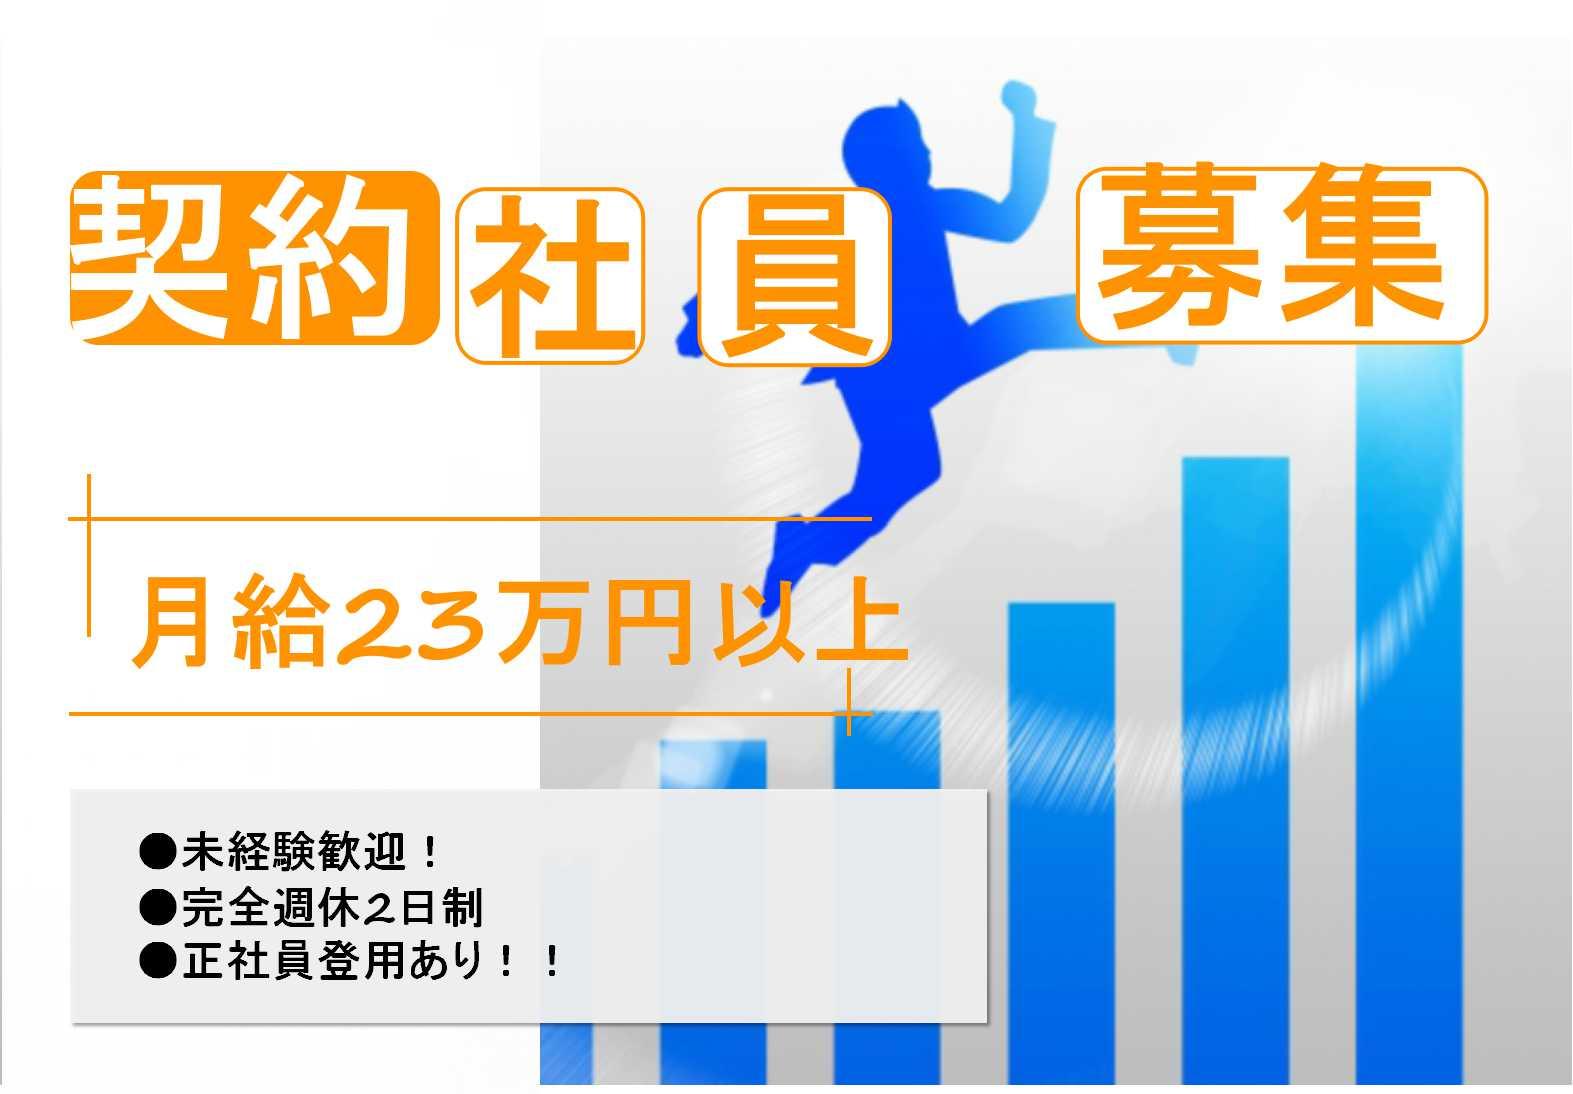 【愛知県豊田市】いろんなタイプの先輩が活躍中♪自分らしく働く!営業・販売職【即面談可能】 イメージ